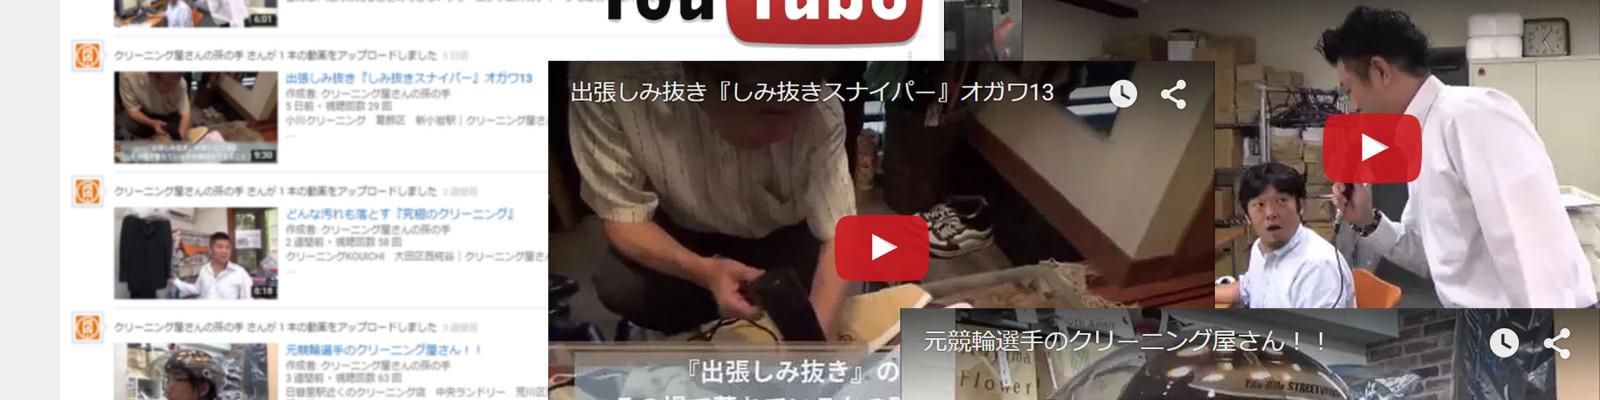 クリーニング店の販促|動画CM